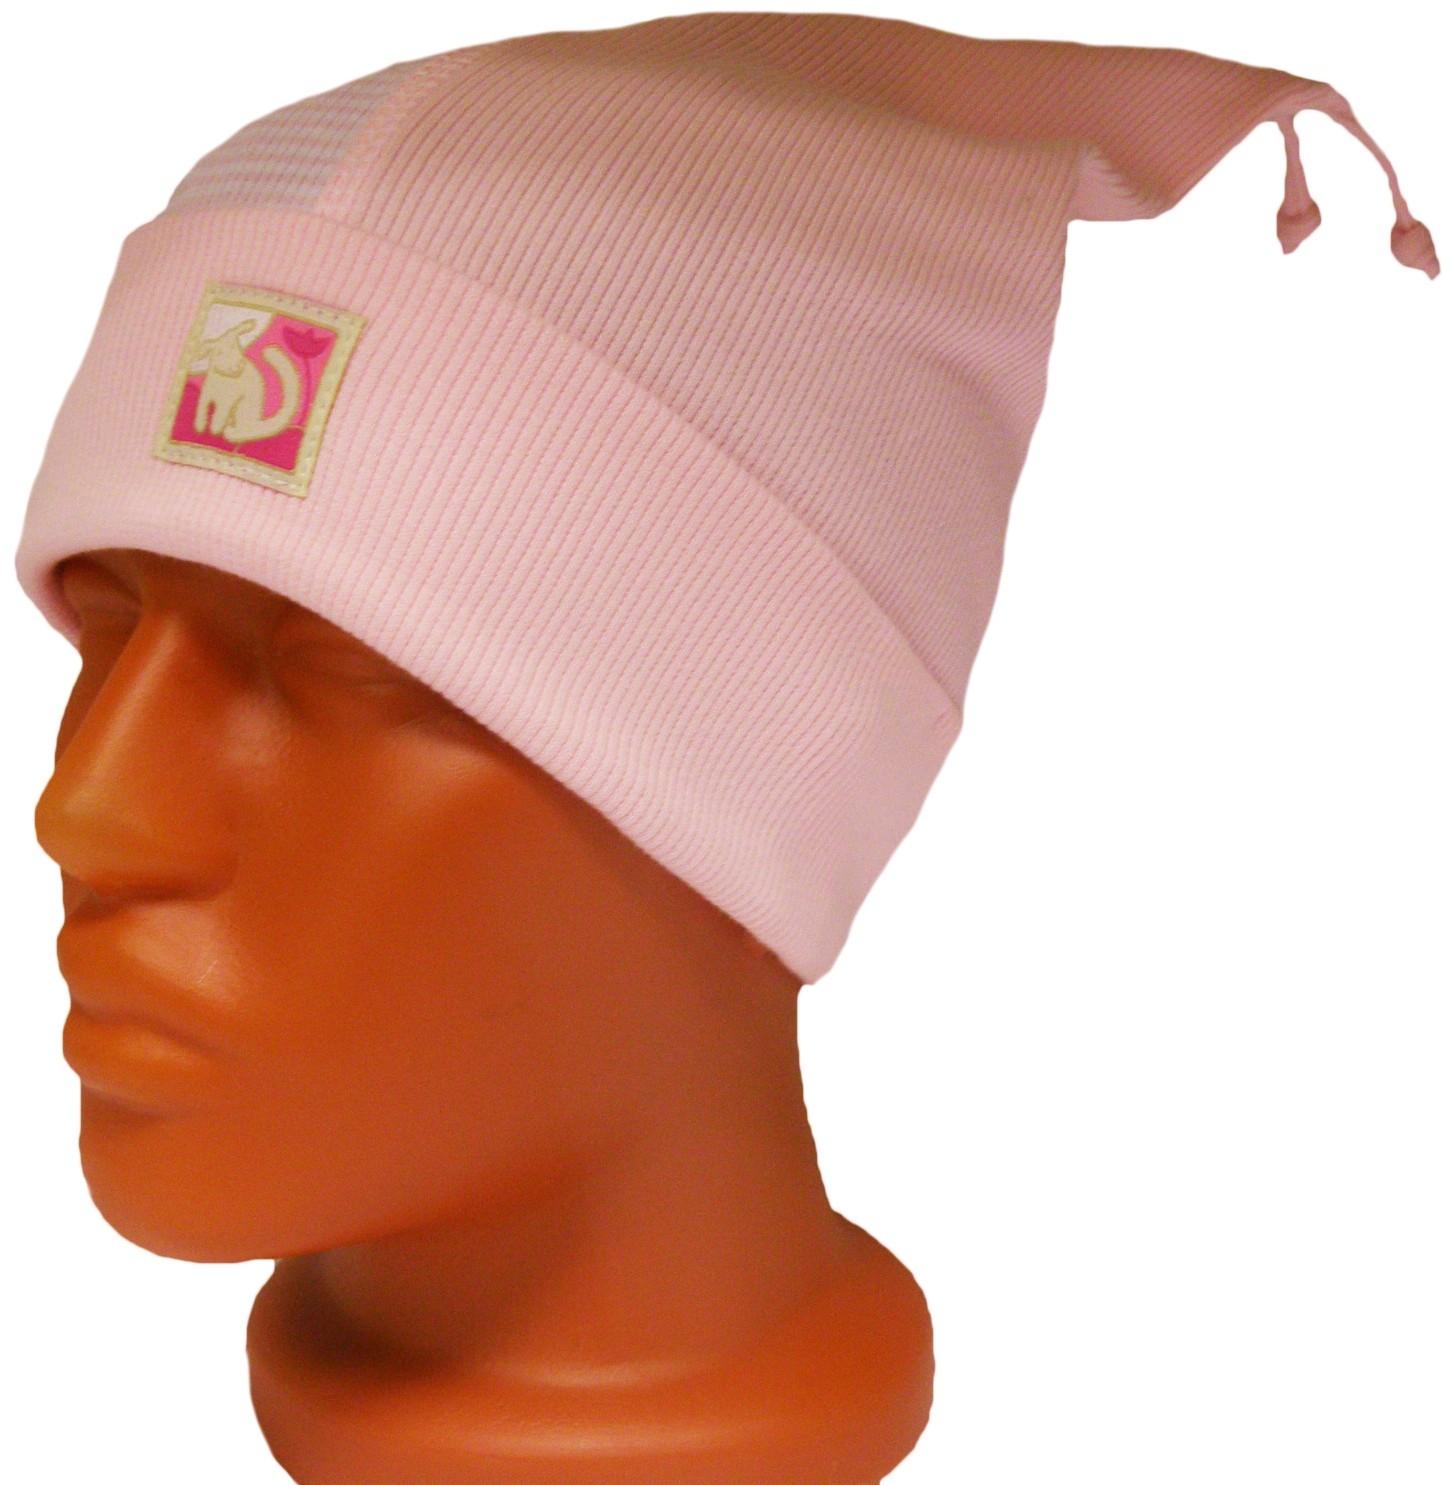 Головные уборы Индиго Шапка Индиго Розовая, полоска ткань magic girl pink полоска розовая